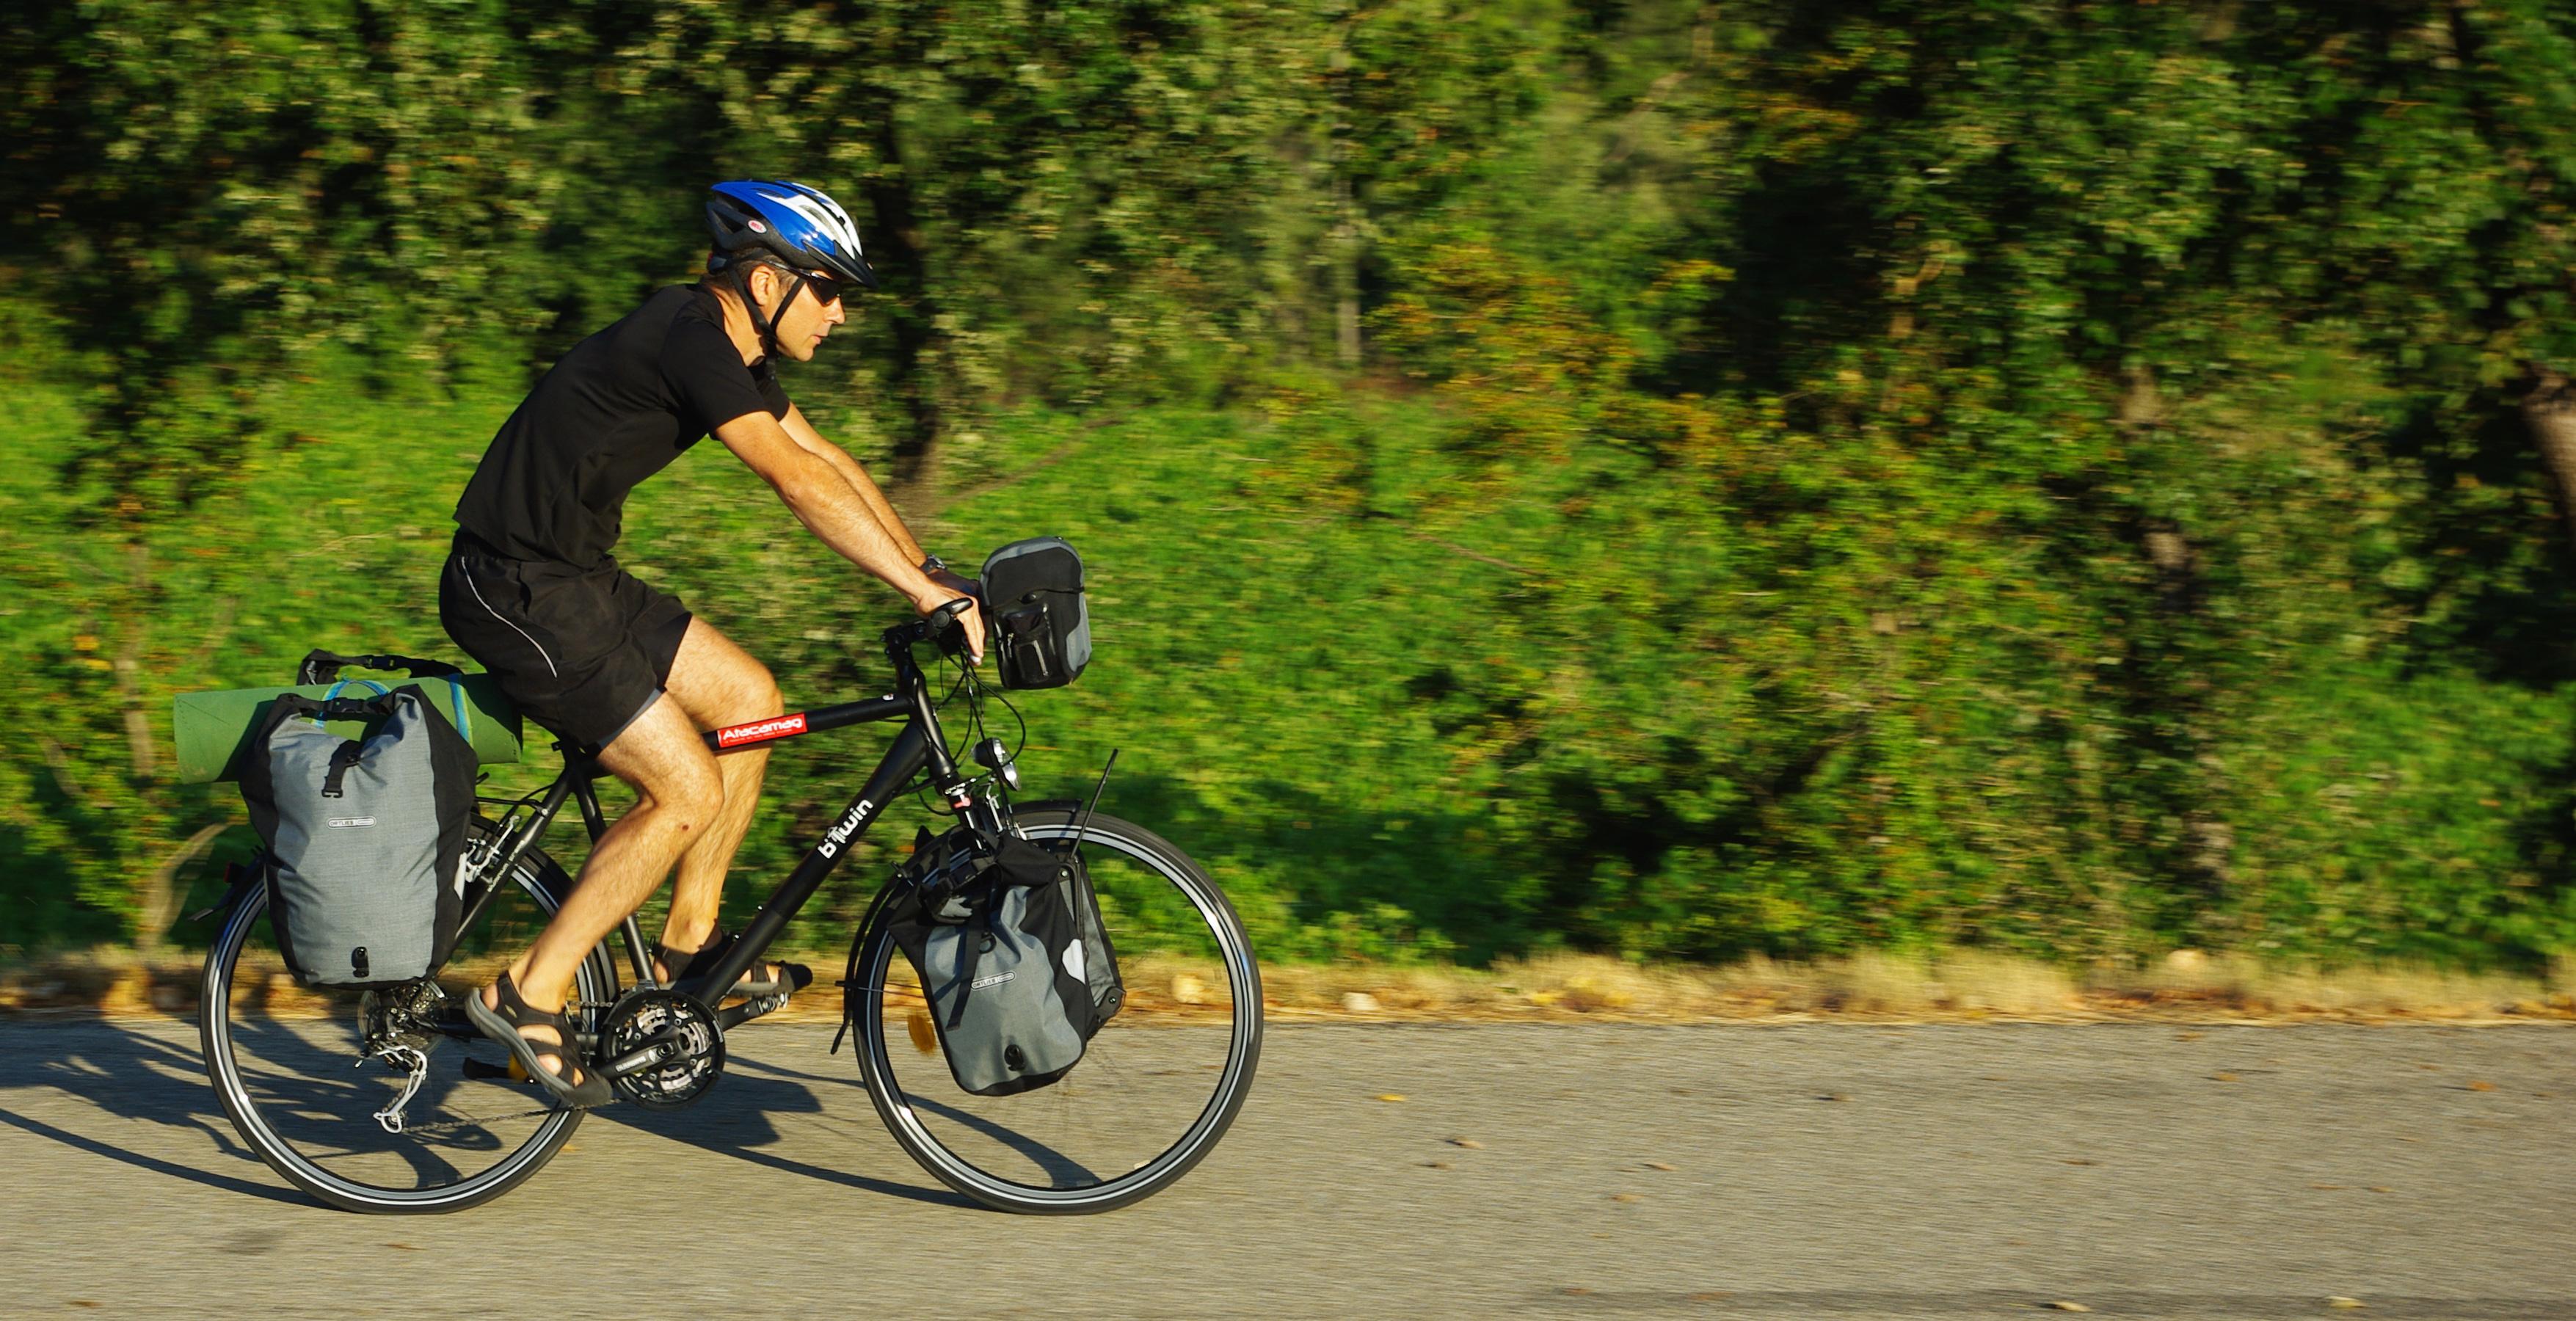 Création de site internet pour tourisme à vélo